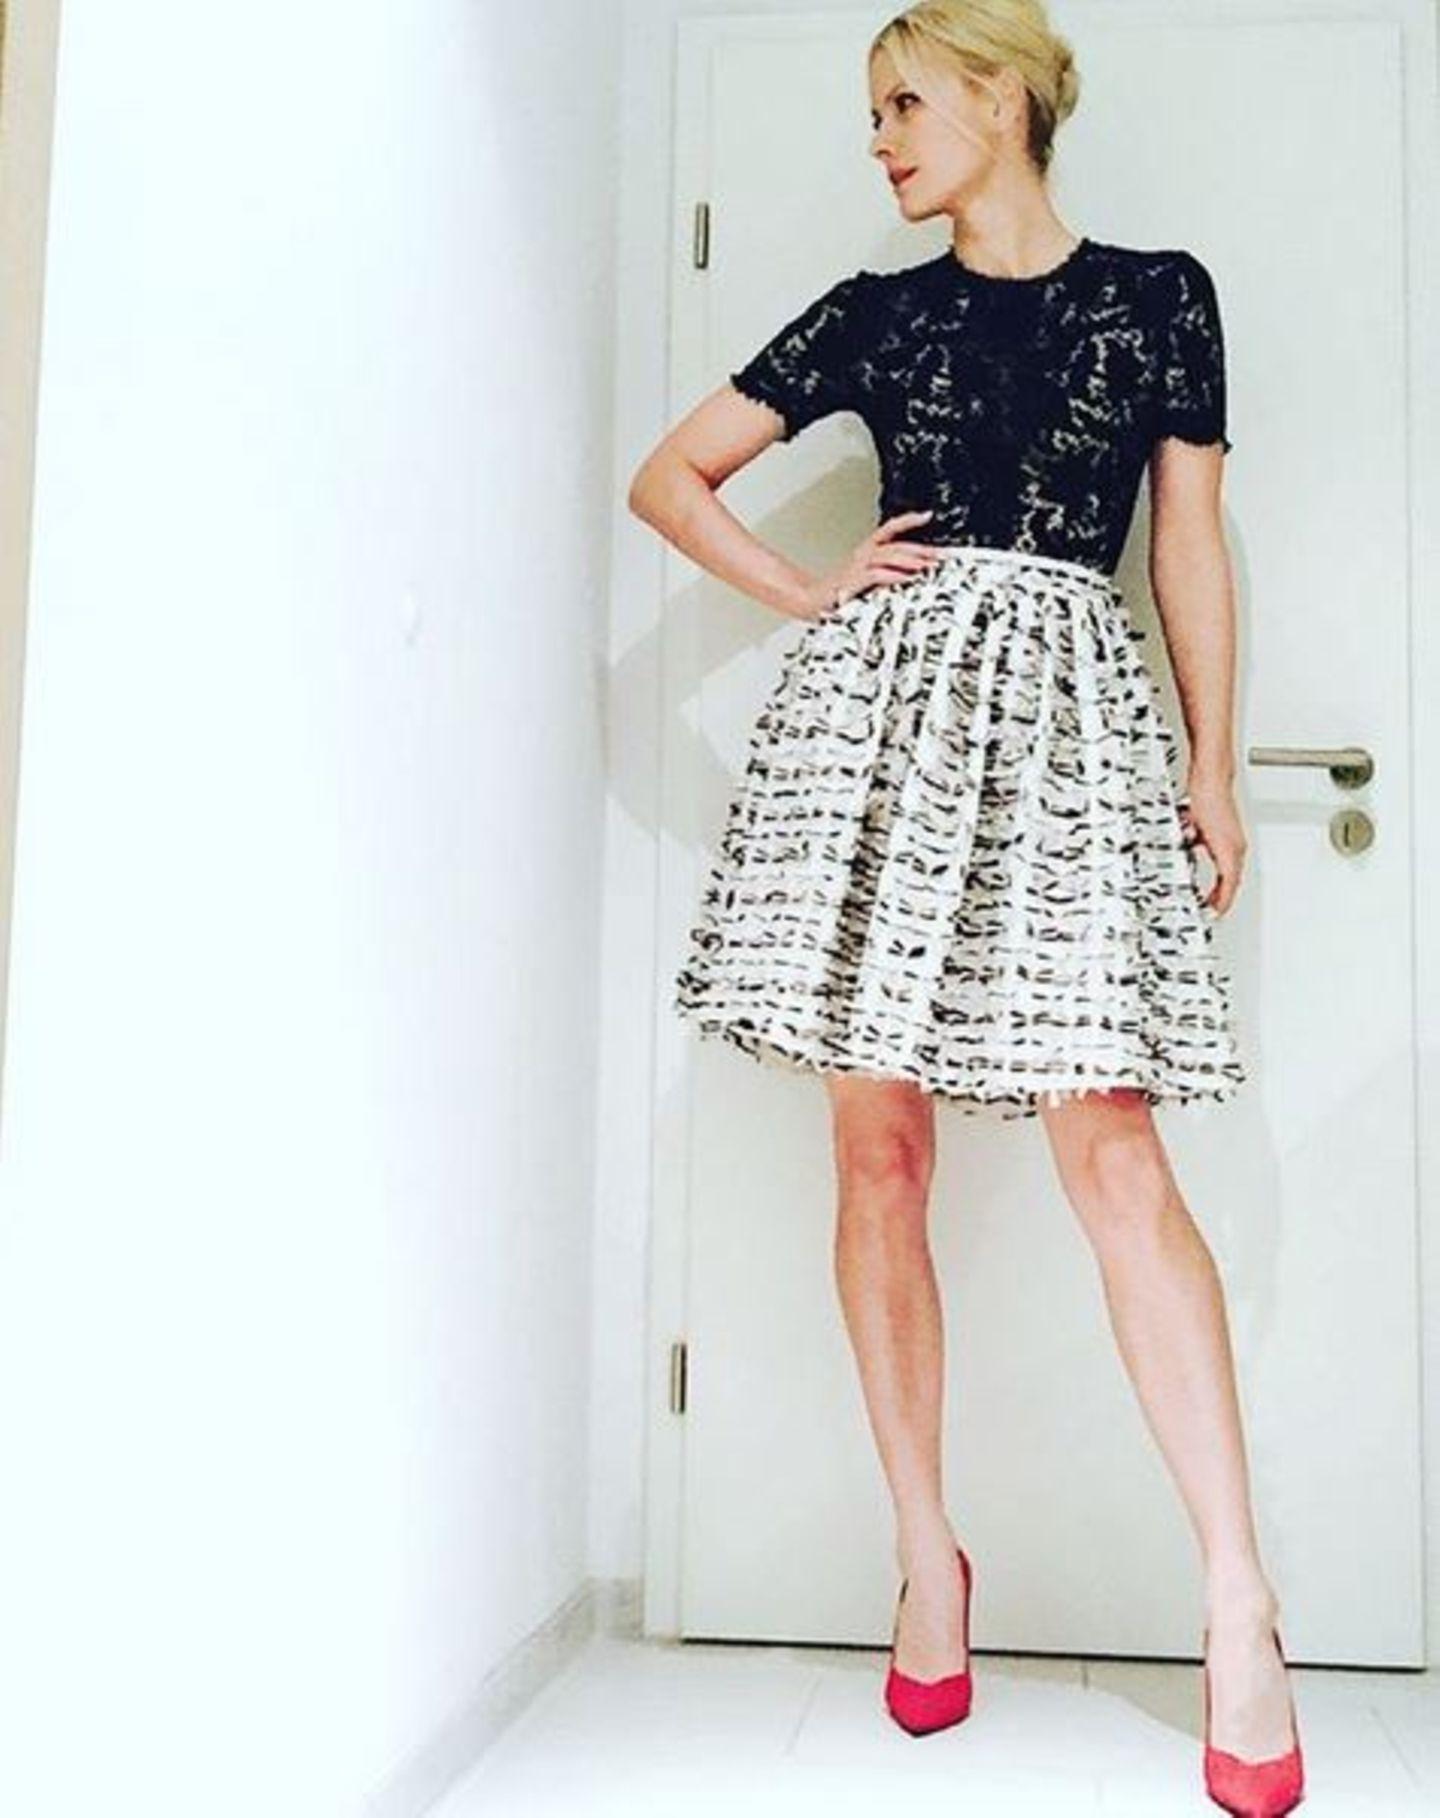 """Das Hotelzimmer von Franziska muss während der Modewoche einer wahren Boutique gleichen. Mehrmals am Tag zieht sie sich hier um und sieht jedes Mal einfach stylisch aus. In eleganter Kombination aus Rock und Spitzenoberteil geht es für sie zu der """"Mercedes-Benz Night""""."""